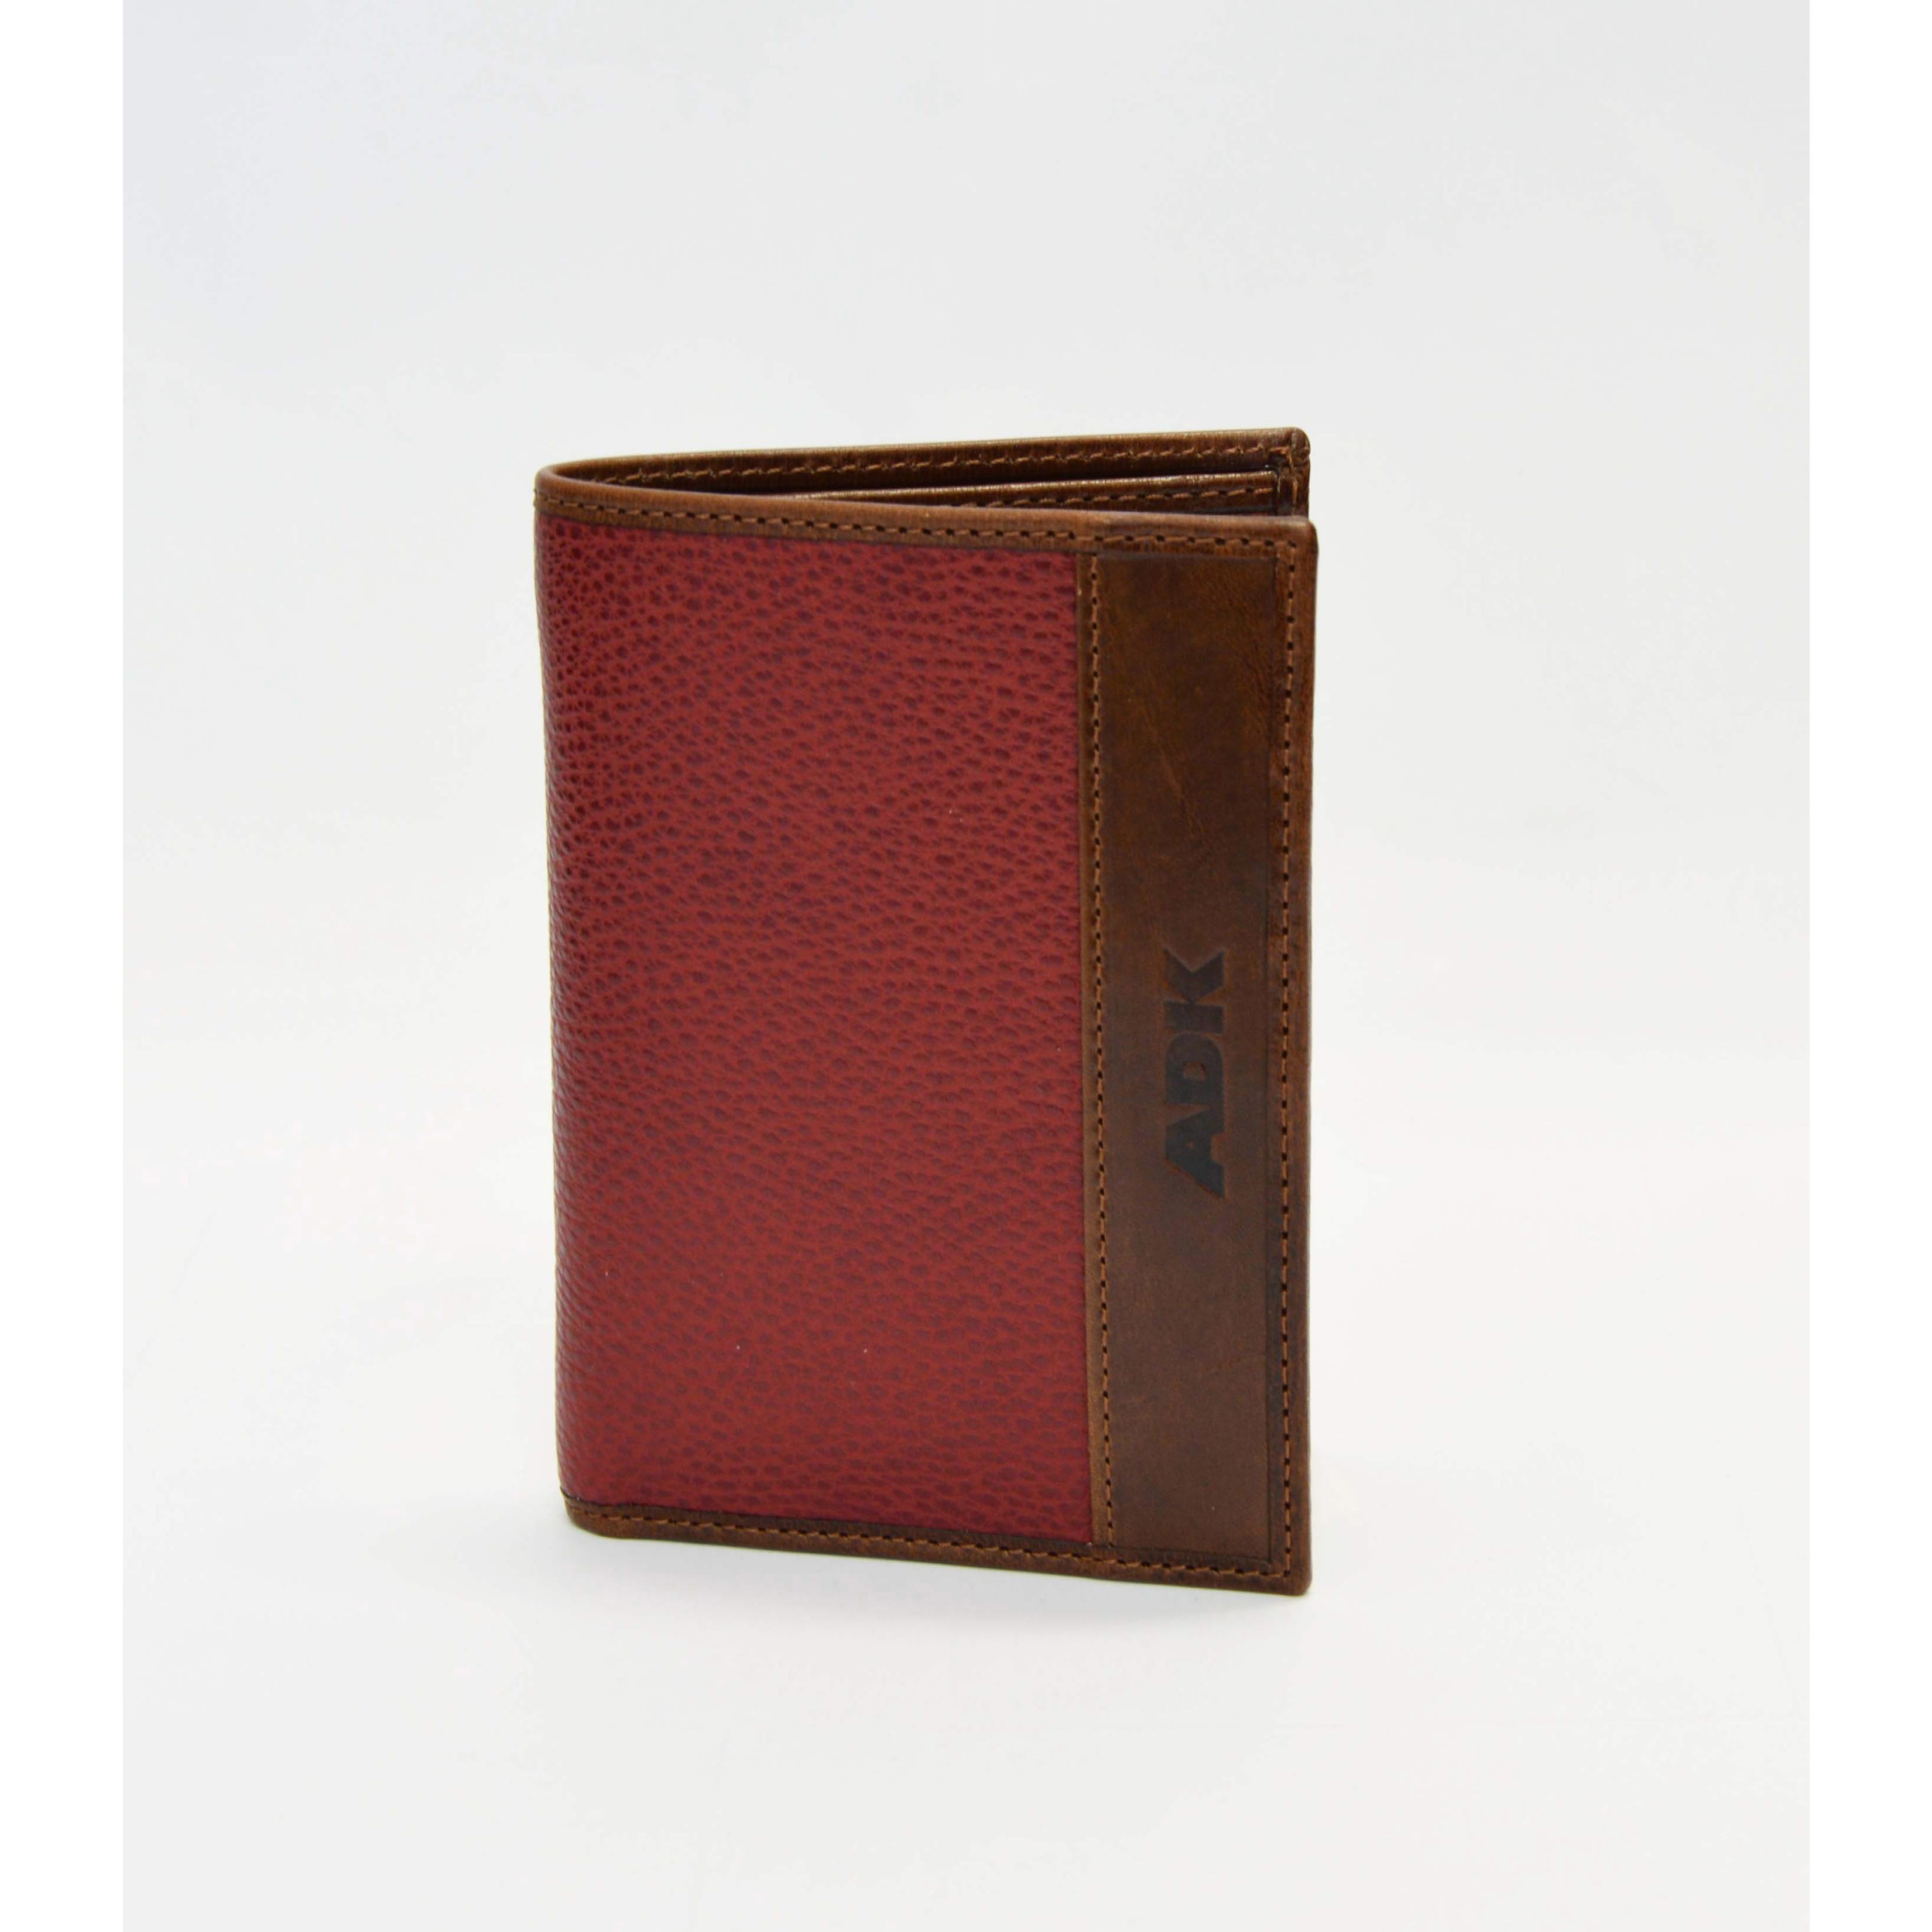 Pouzdro na karty, doklady a bankovky ADK Spring červené